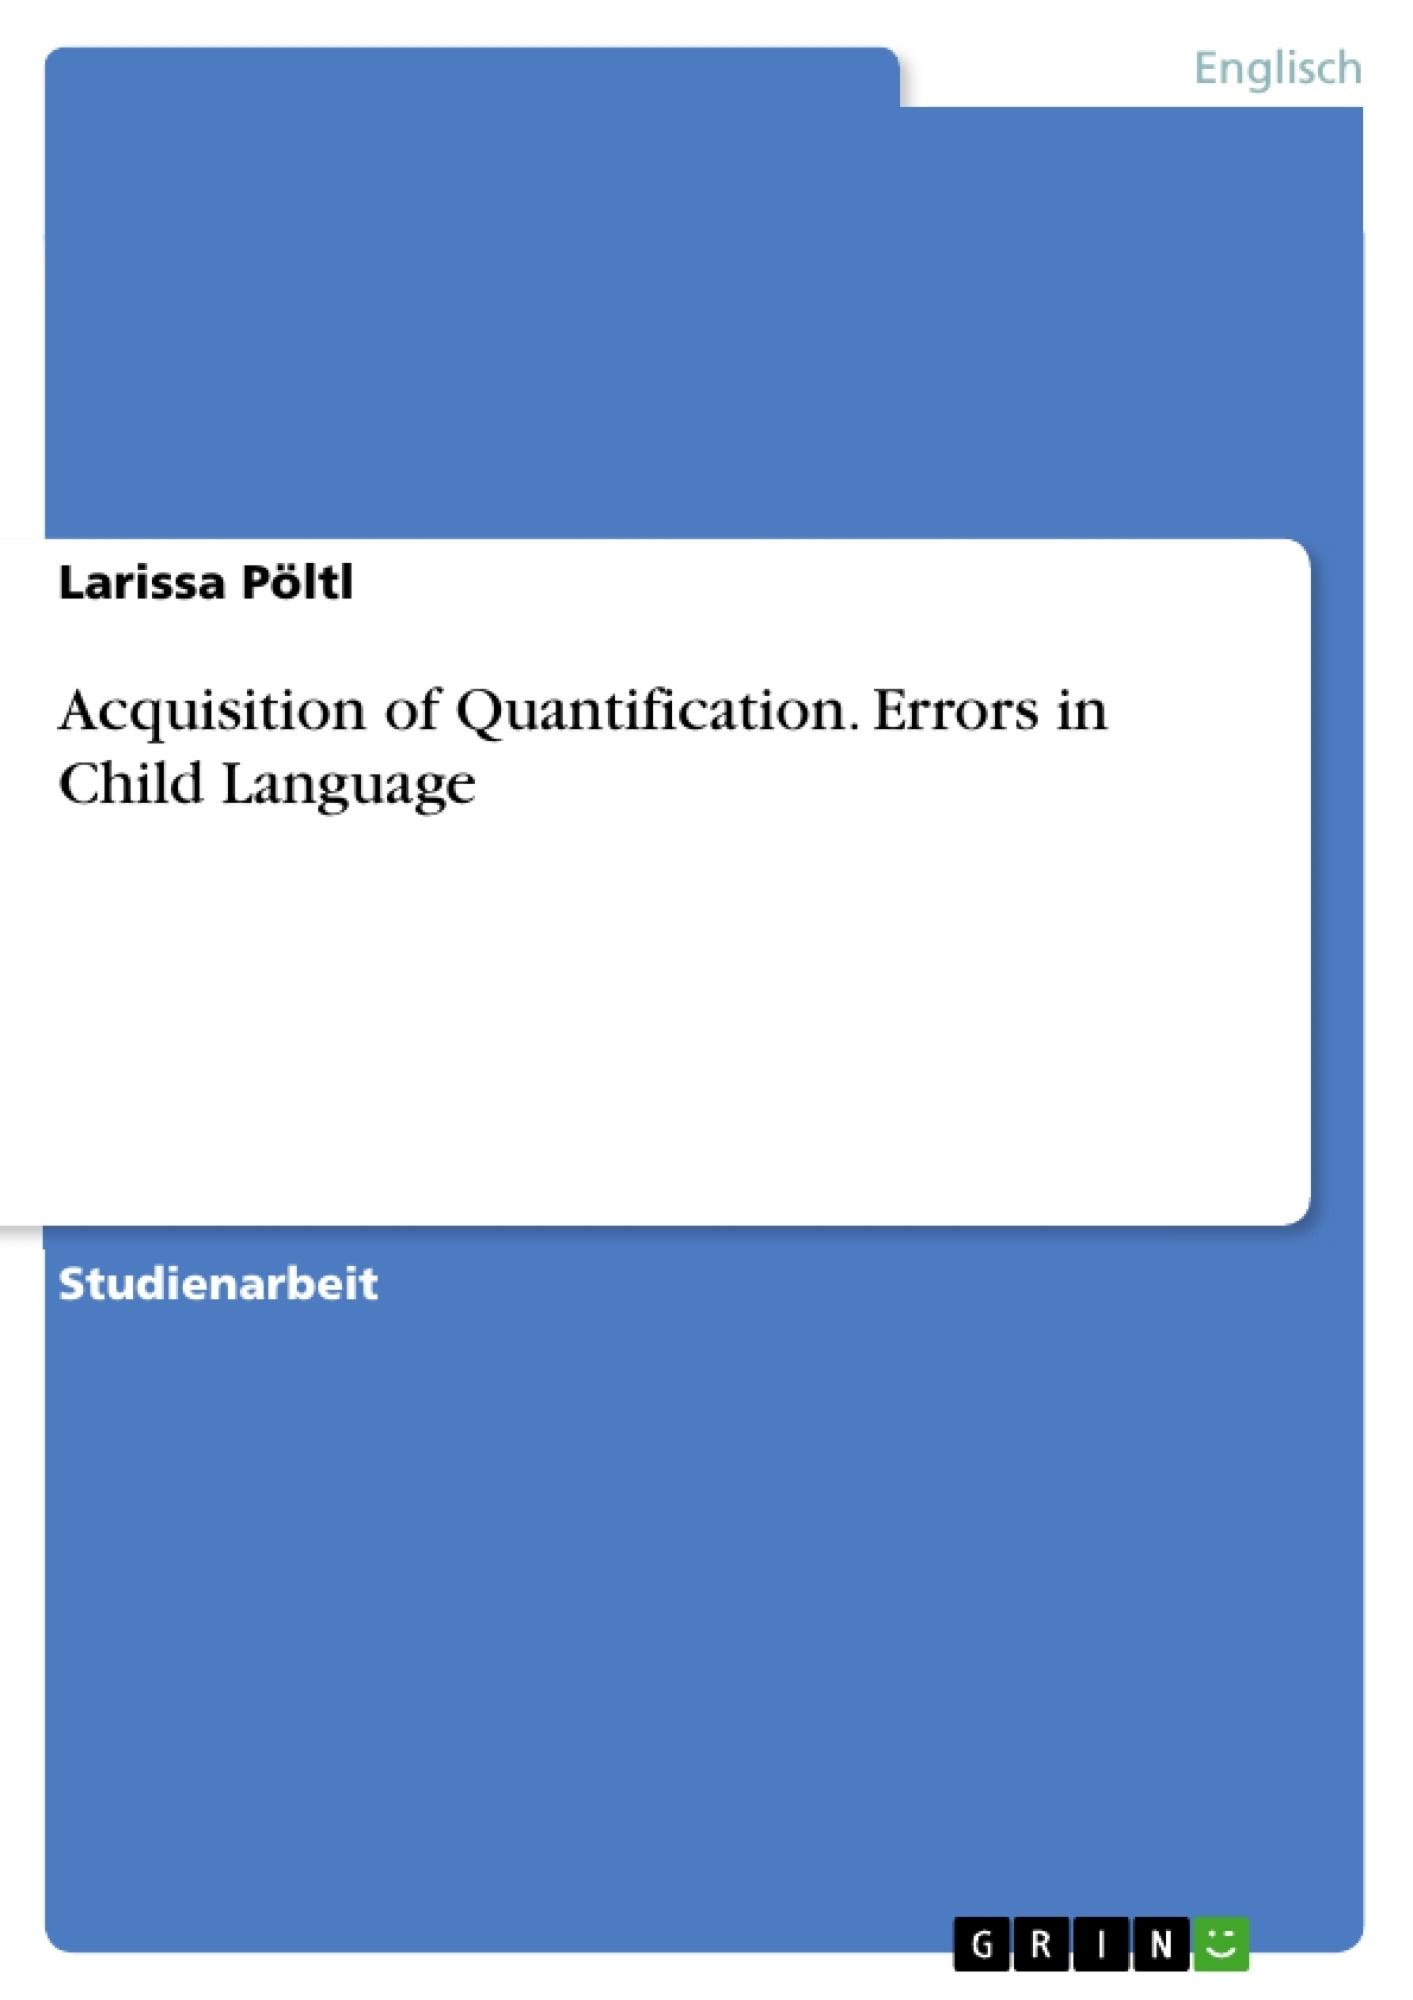 Titel: Acquisition of Quantification. Errors in Child Language